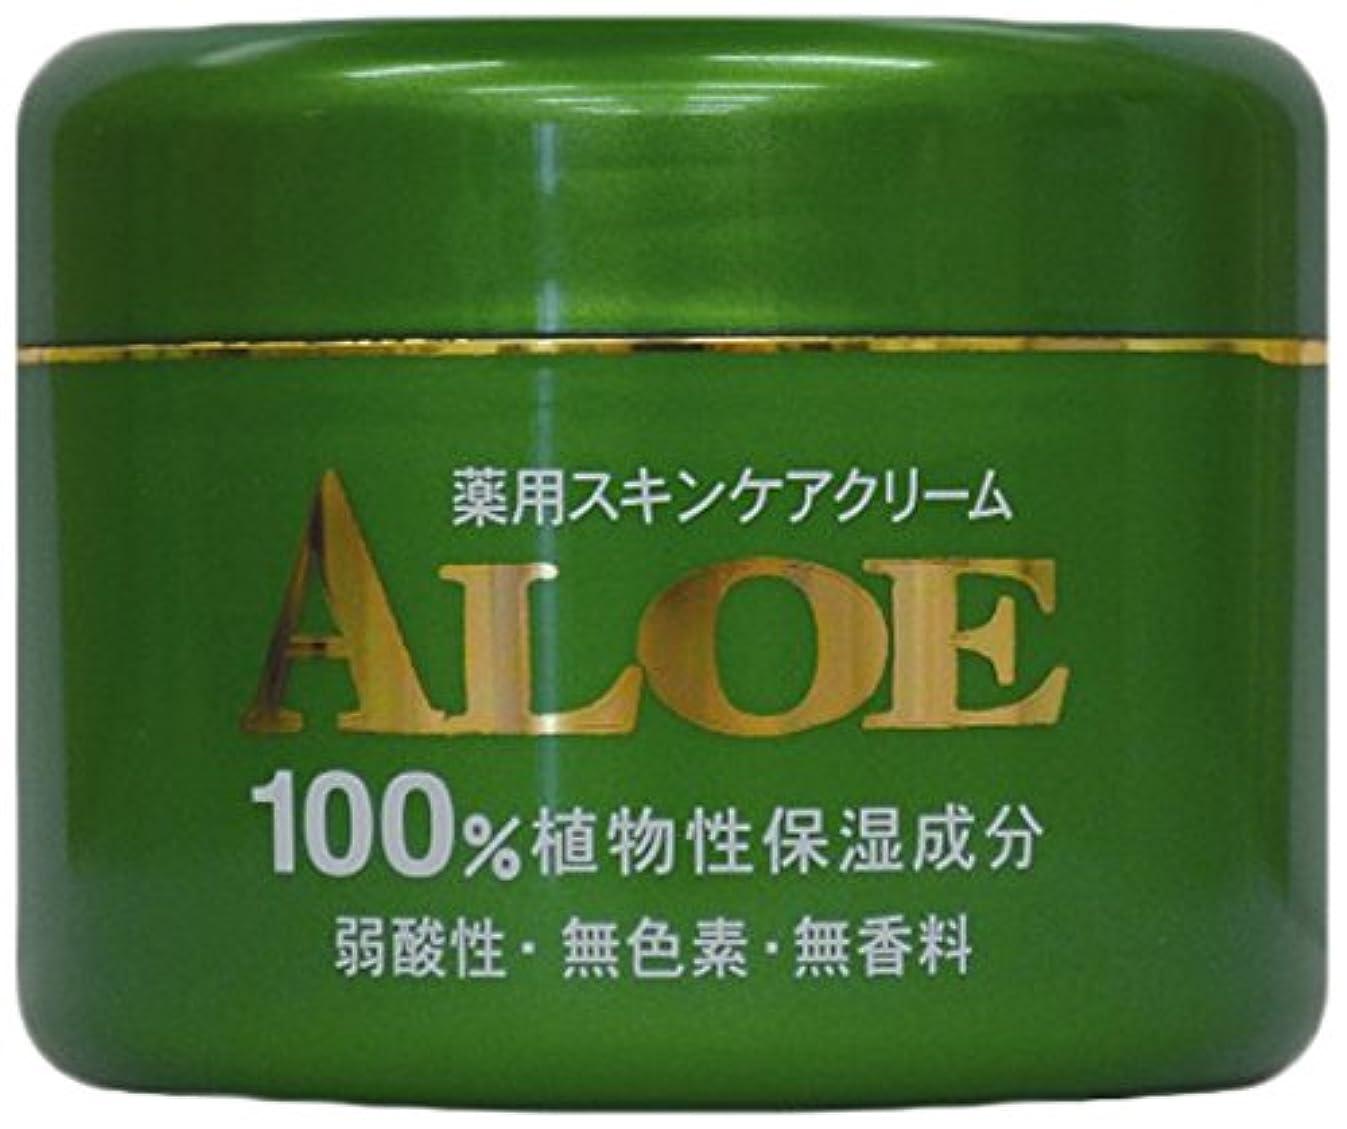 原理酸素該当するアロエ薬用 スキンケアクリーム 185g